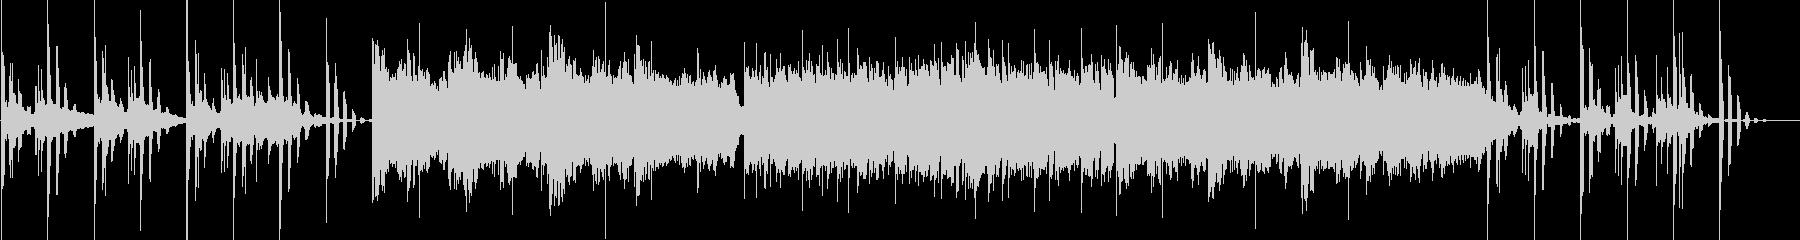 オルガンとストリングスのバラードポップスの未再生の波形